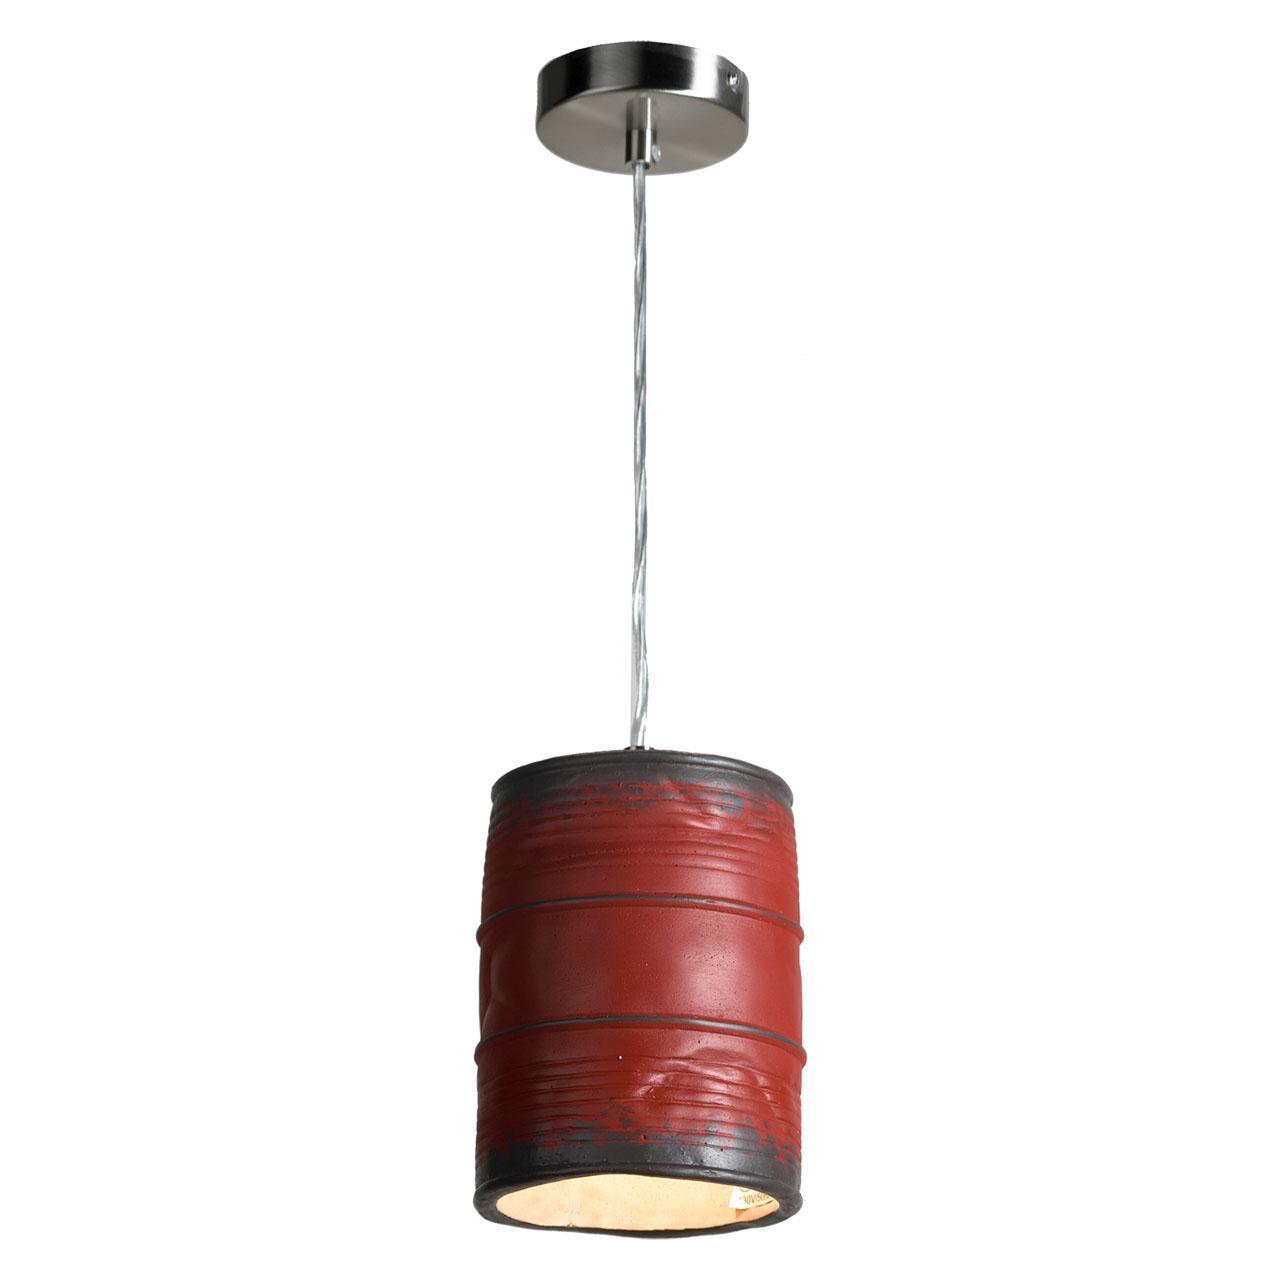 Фото - Подвеcной светильник Lussole Loft LSP-9527 100pcs ne5532 ne5532p 5532 dual opampm dip